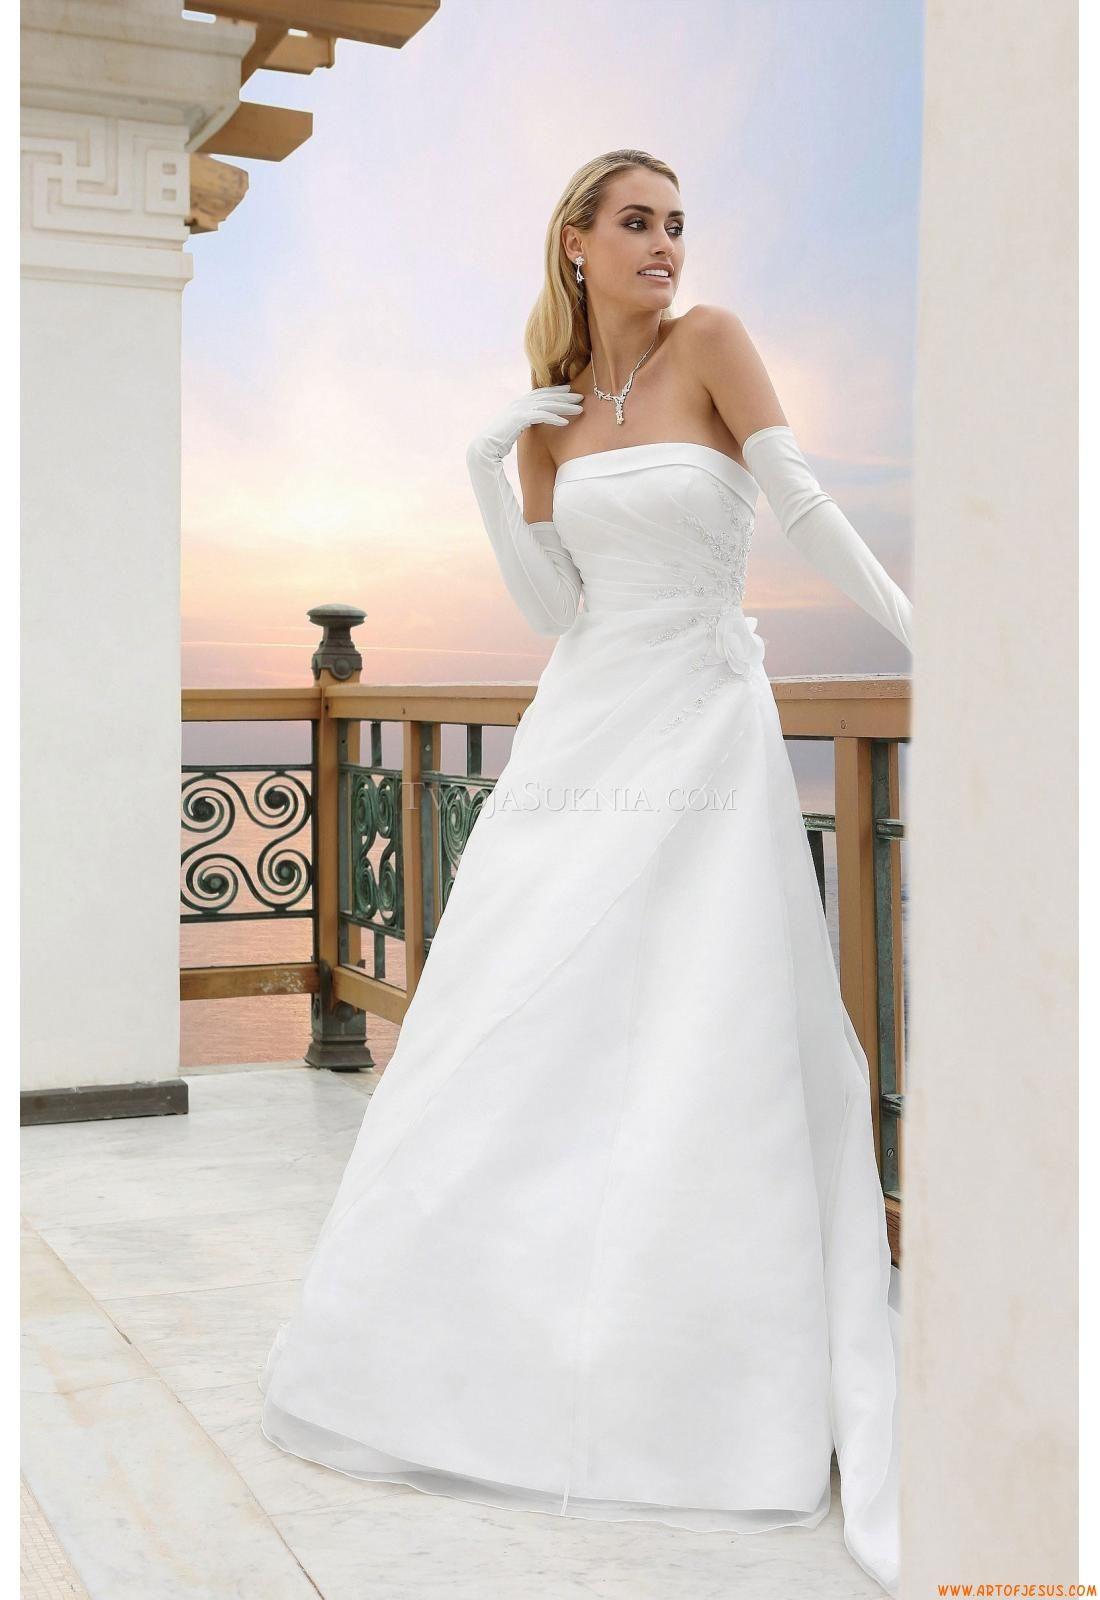 Brautkleider Ladybird 94004 2014   just to see   Pinterest   Wedding ...